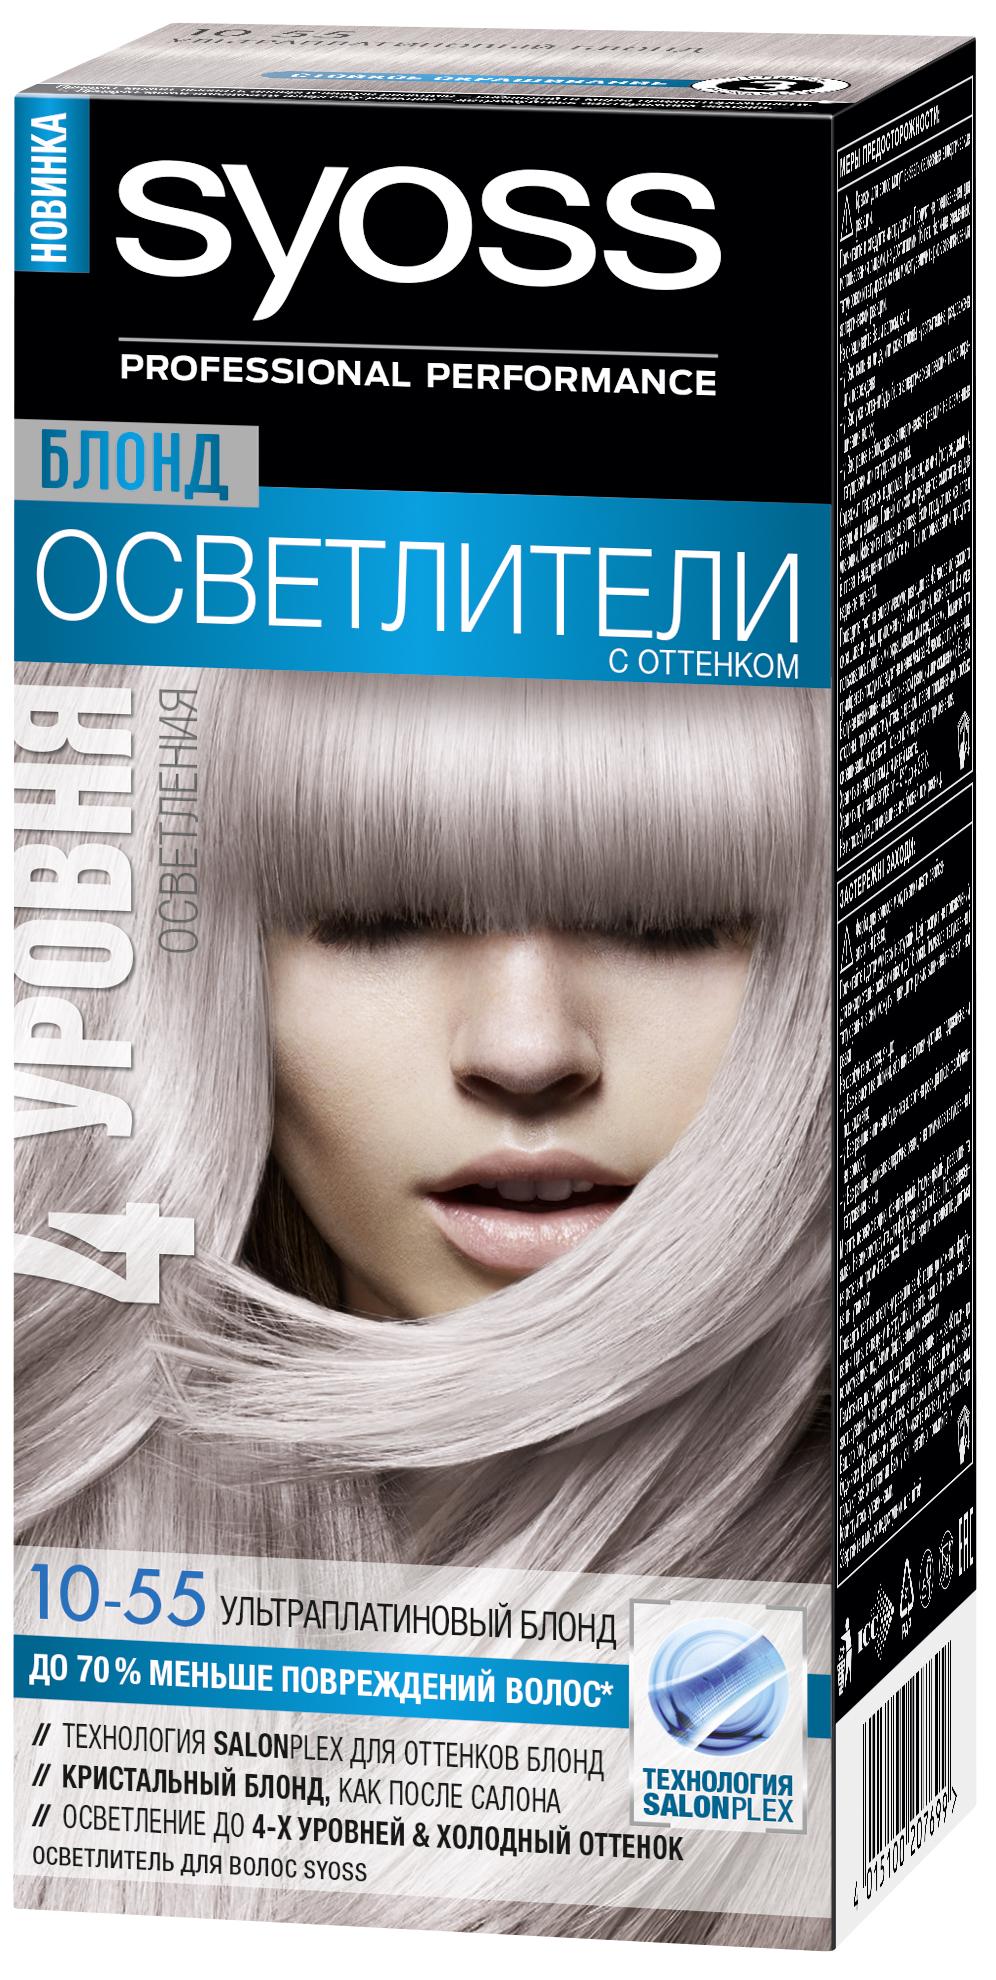 Фото - Syoss Color Краска для волос, 10-55 Ультраплатиновый блонд, 115 мл wella краска для волос illumina color 60 мл 38 оттенков 7 35 блонд золотисто махагоновый